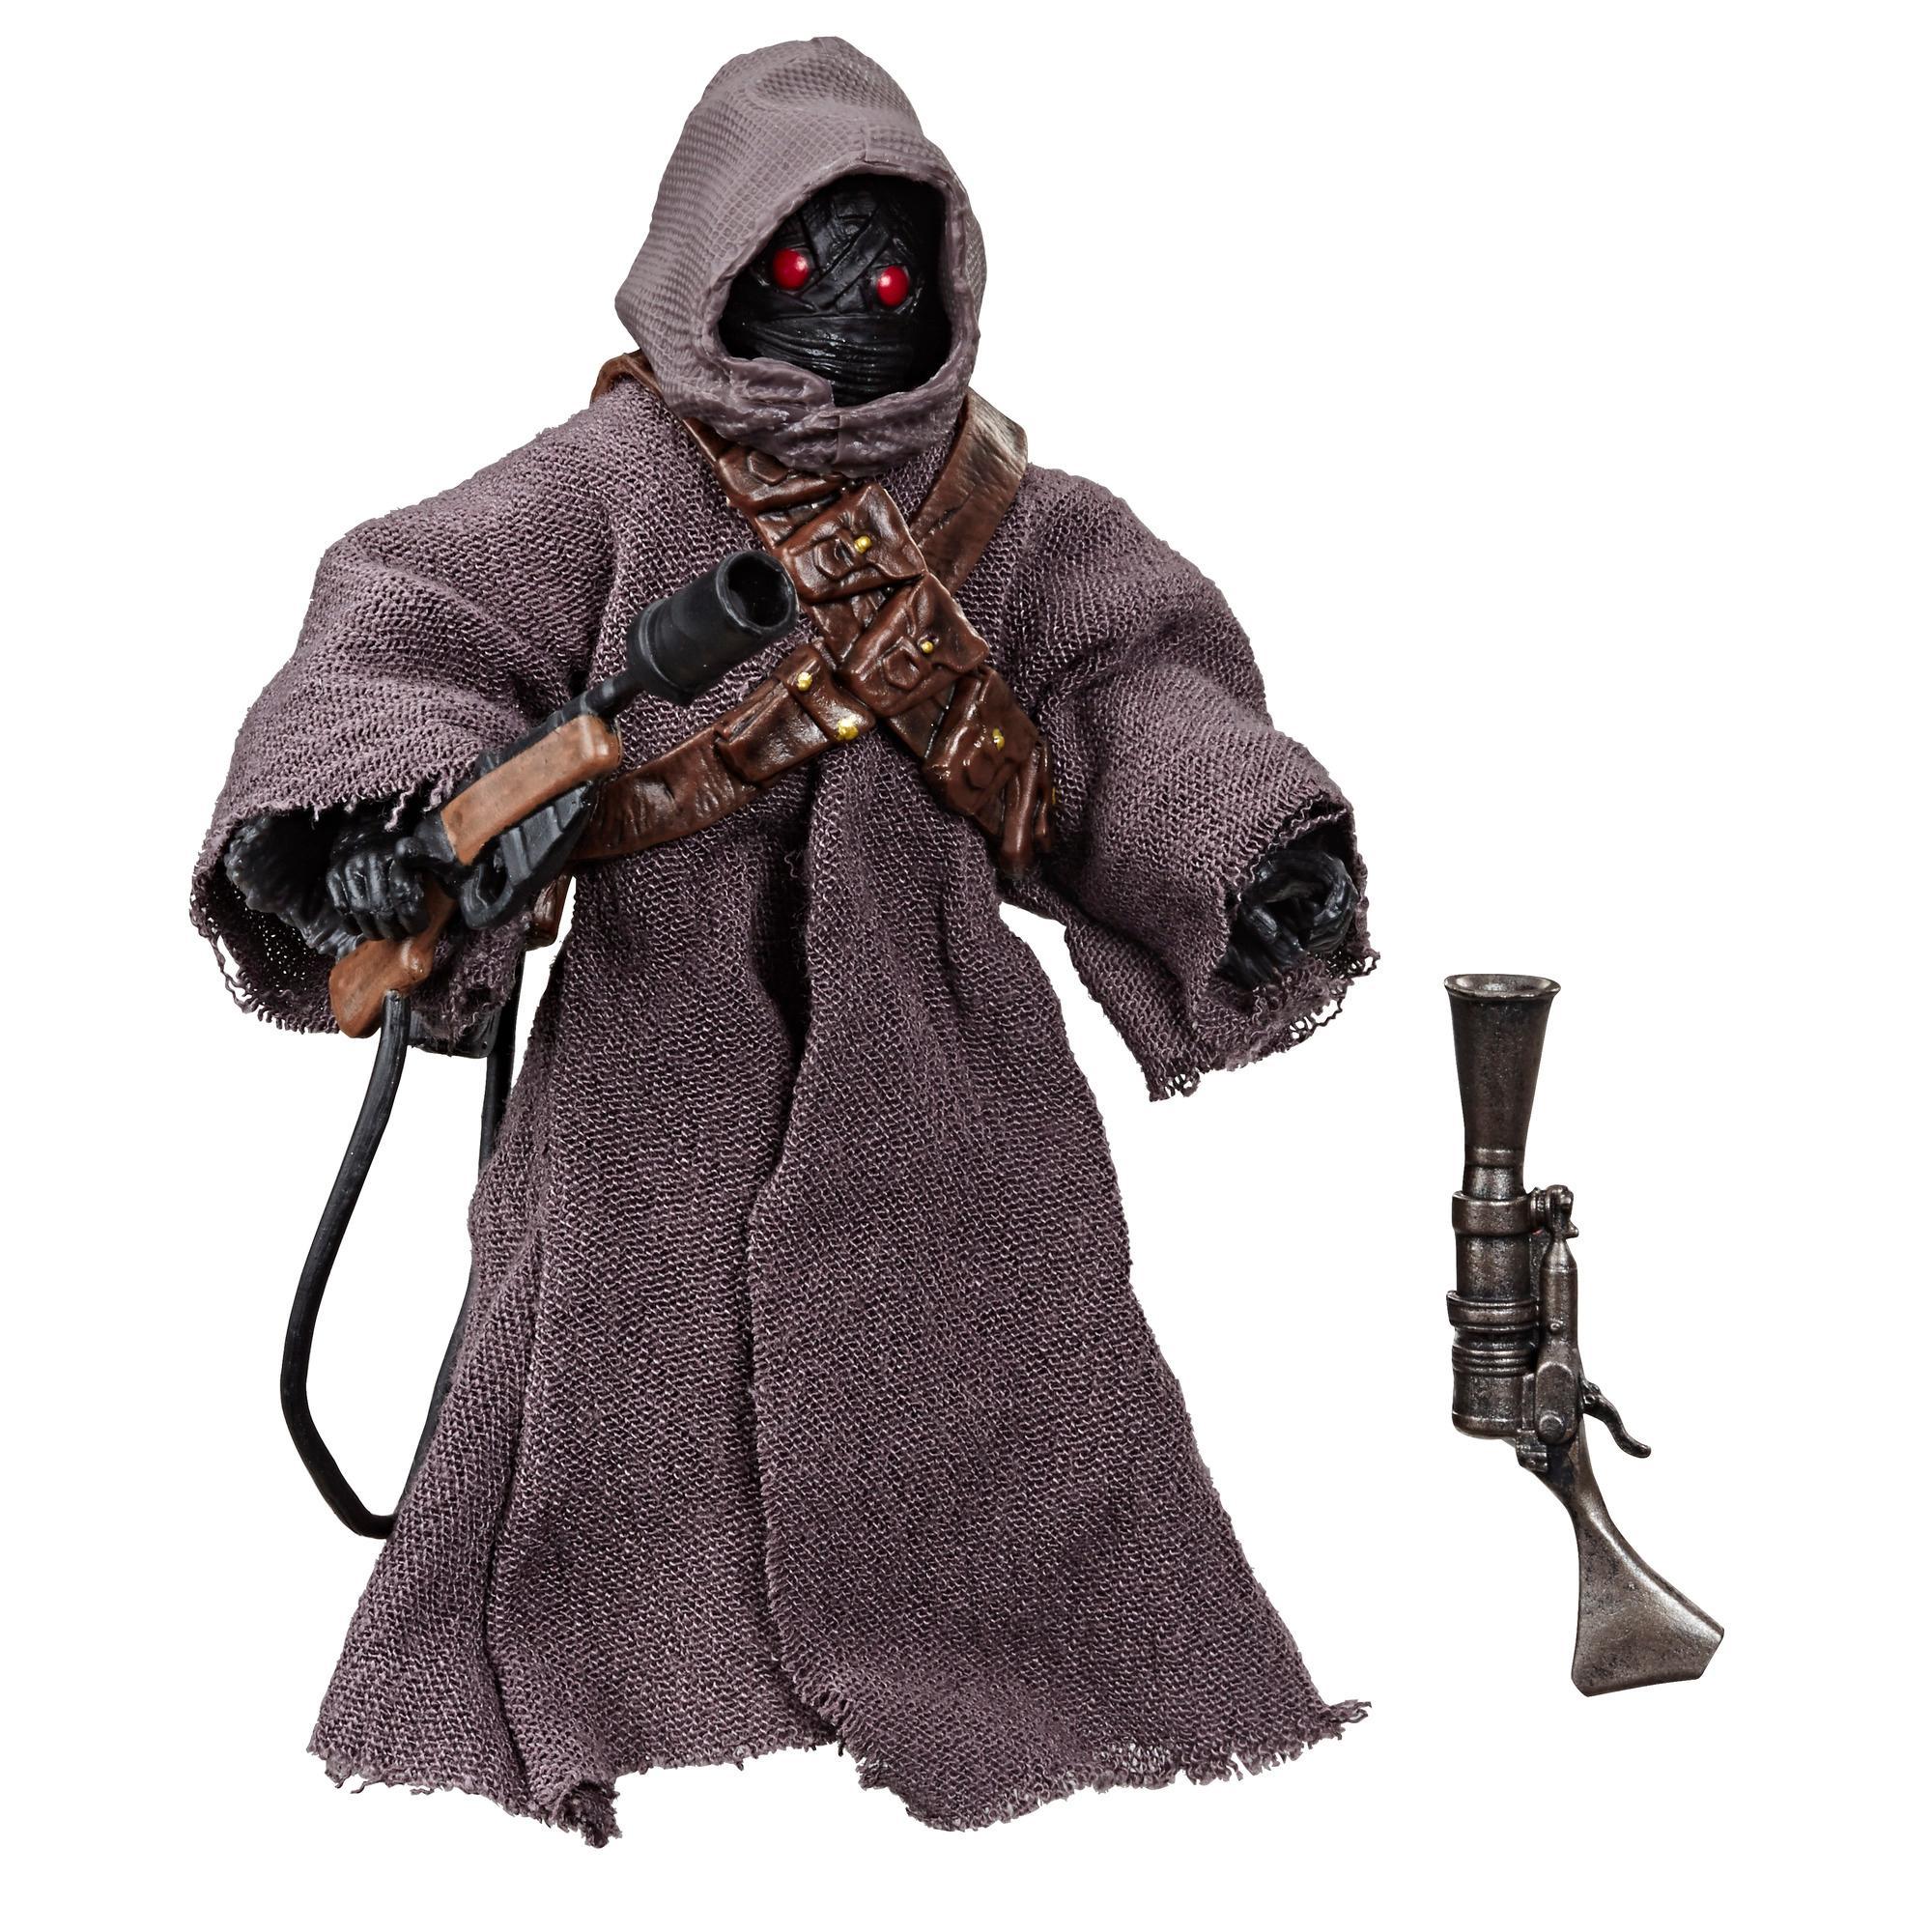 Star Wars The Black Series, figurine articulée de collection de 15 cm, Offworld Jawa, The Mandalorian, à partir de 4 ans